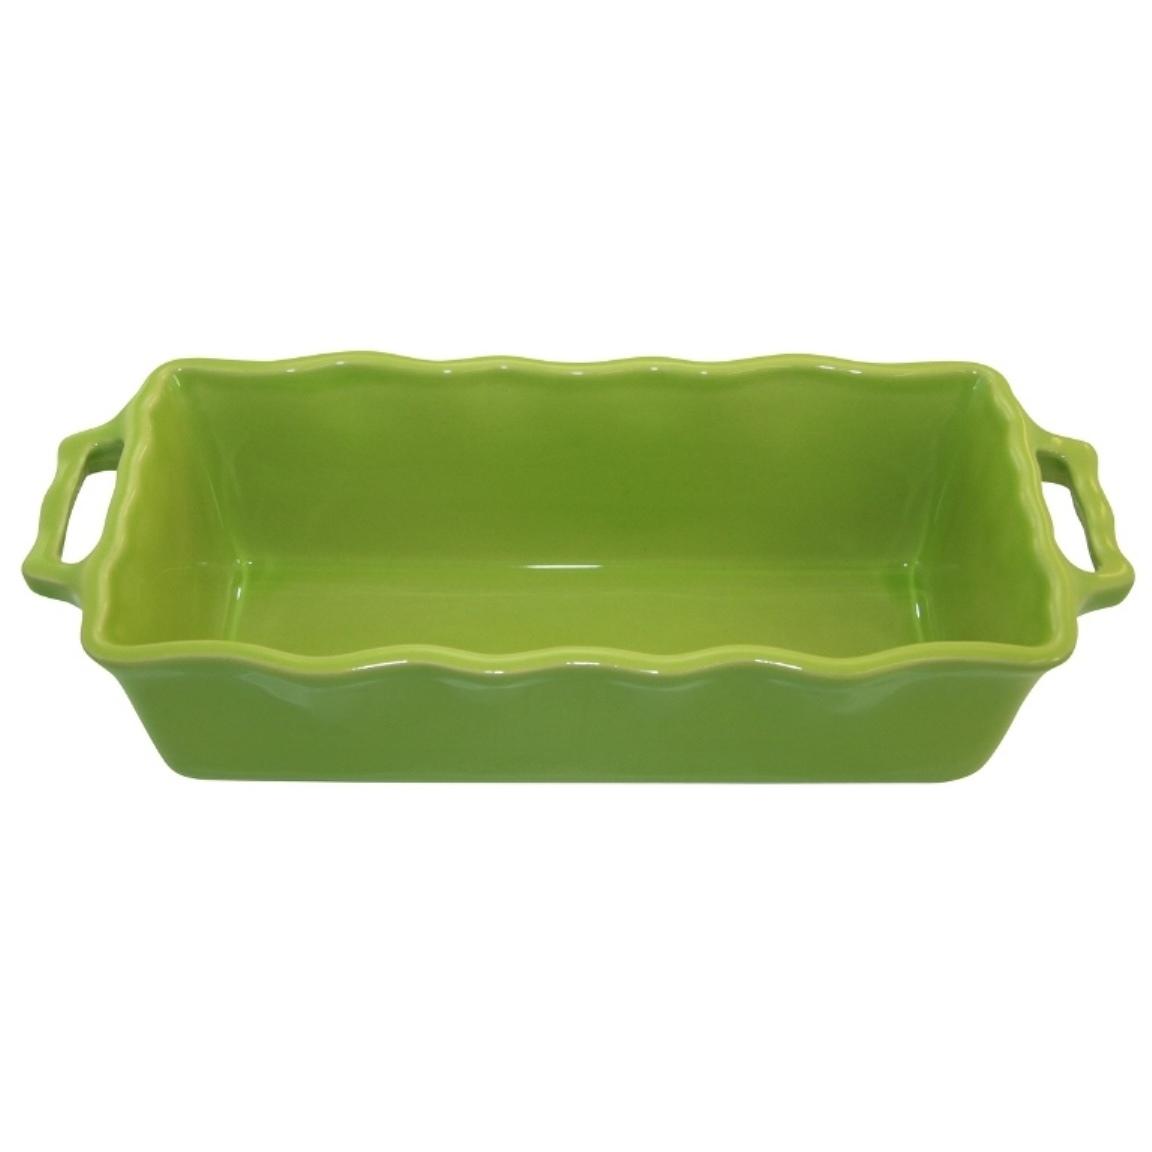 Форма для кекса 33 см Appolia Delices LIME 112033027Формы для запекания (выпечки)<br>Форма для кекса 33 см Appolia Delices LIME 112033027<br><br>Благодаря большому разнообразию изящных форм и широкой цветовой гамме, коллекция DELICES предлагает всевозможные варианты приготовления блюд для себя и гостей. Выбирайте цвета в соответствии с вашими желаниями и вашей кухне. Закругленные углы облегчают чистку. Легко использовать. Большие удобные ручки. Прочная жароустойчивая керамика экологична и изготавливается из высококачественной глины. Прочная глазурь устойчива к растрескиванию и сколам, не содержит свинца и кадмия. Глина обеспечивает медленный и равномерный нагрев, деликатное приготовление с сохранением всех питательных веществ и витаминов, а та же долго сохраняет тепло, что удобно при сервировке горячих блюд.<br>